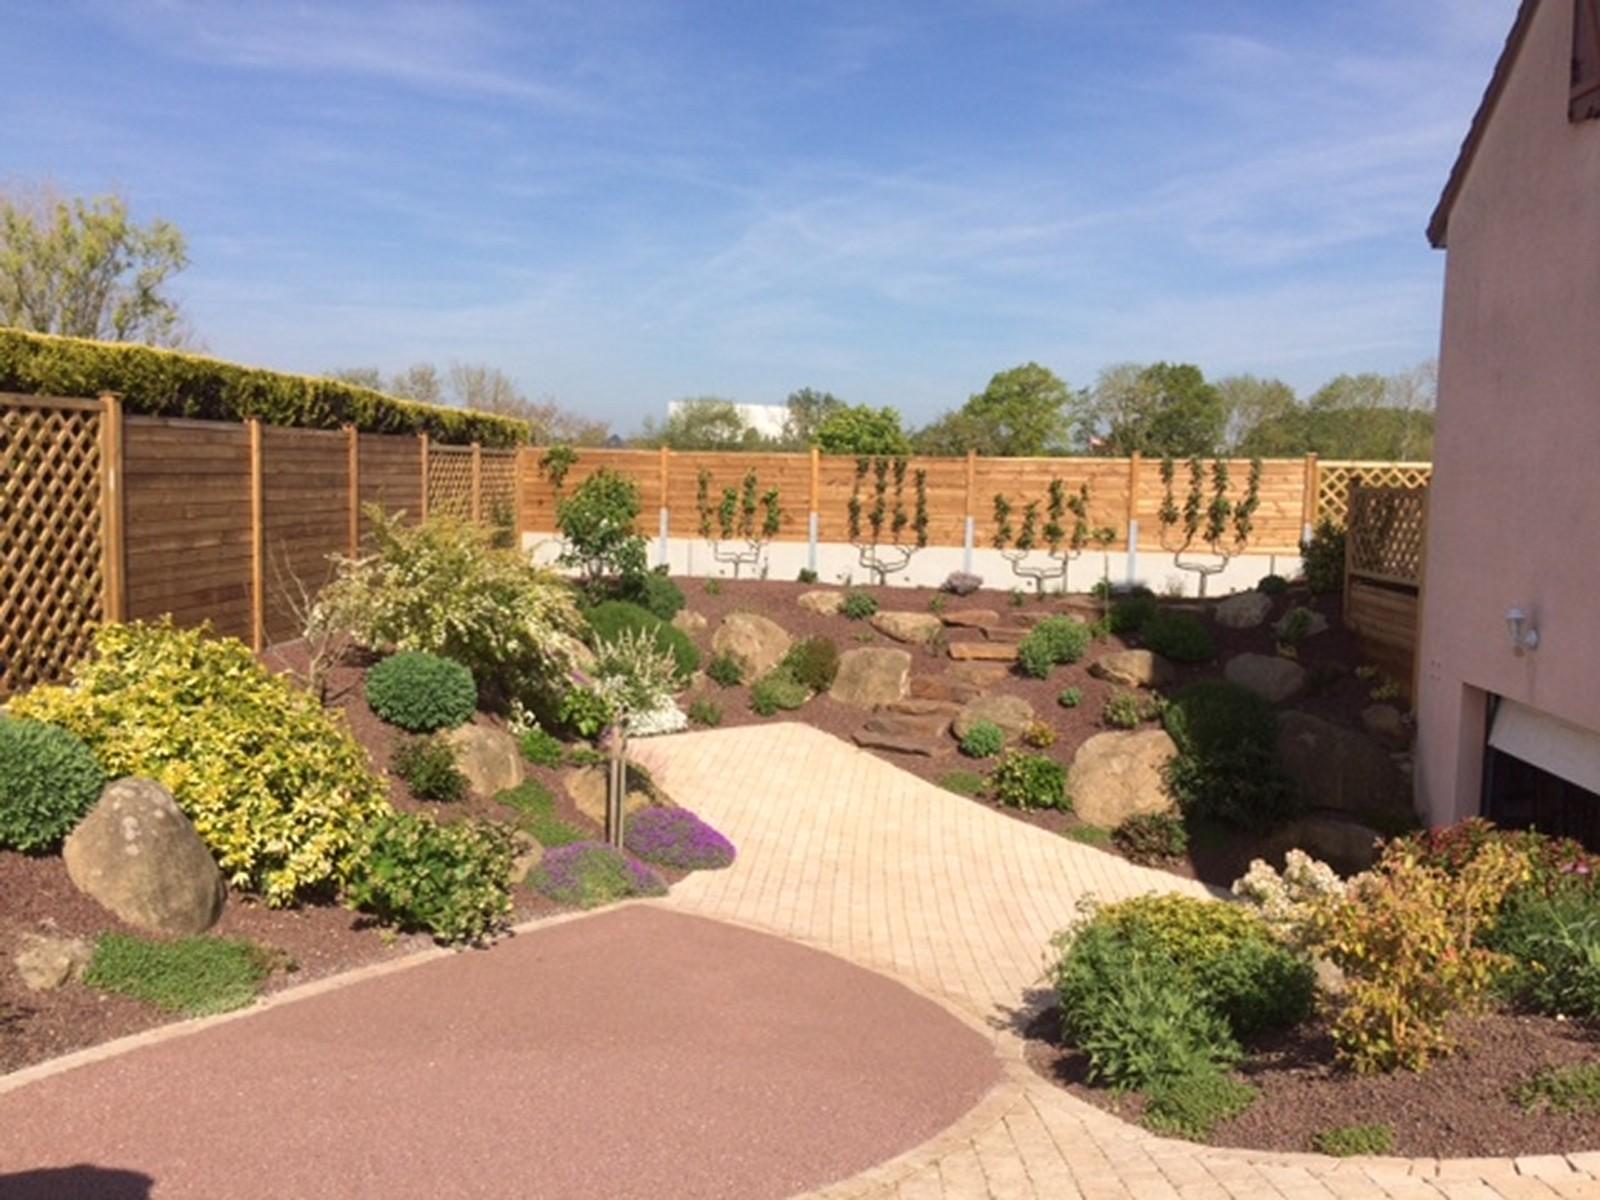 Amenagement Jardin Exterieur Photo réalisation - aménager un jardin à argentan   orne et jardins